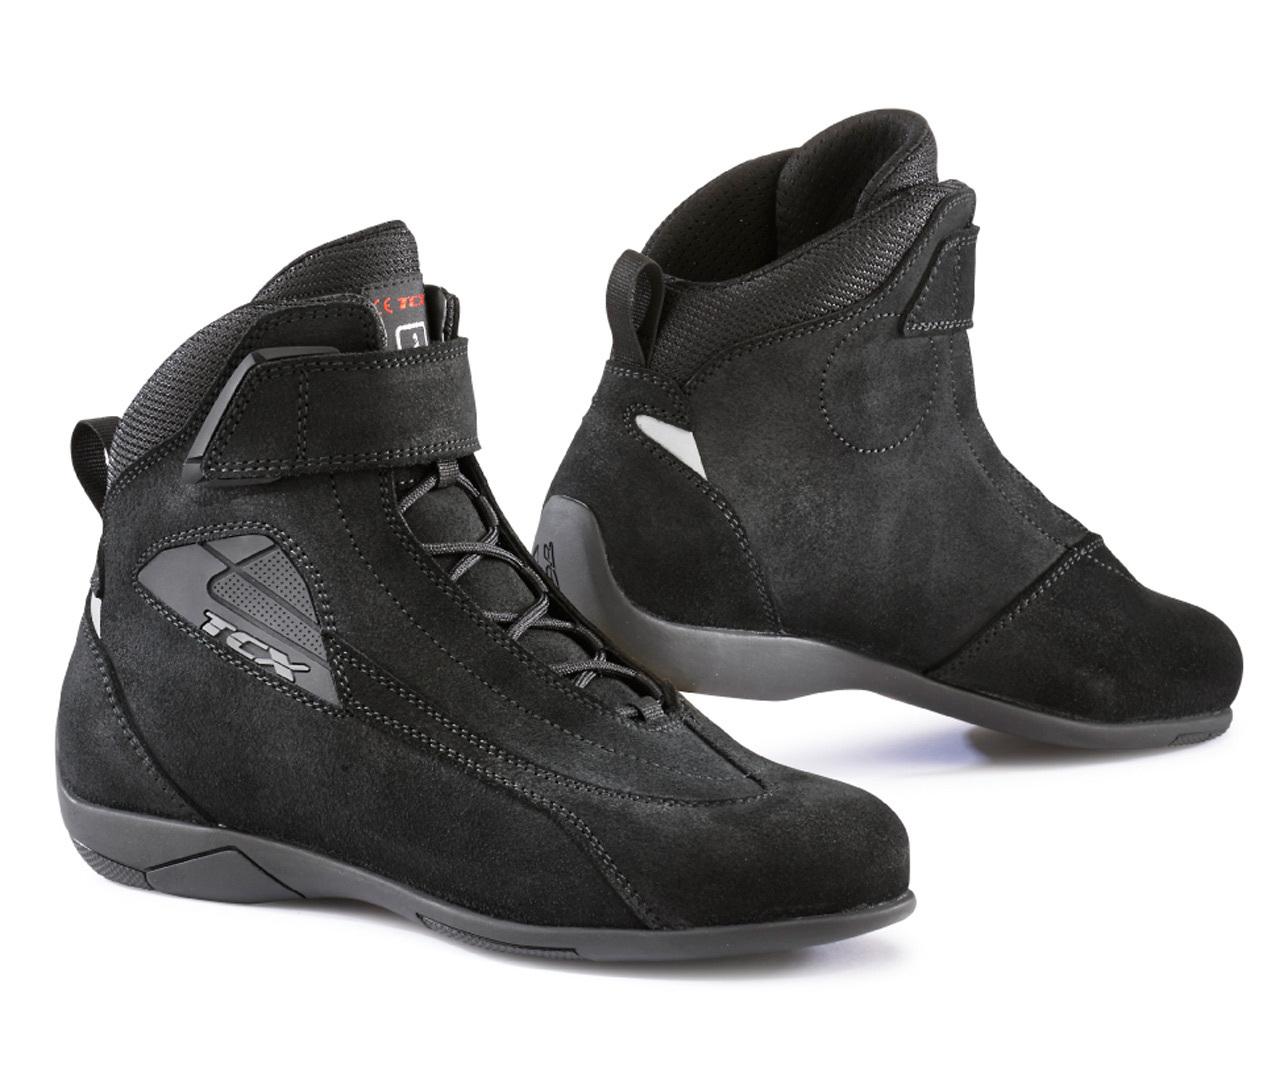 TCX Sport Damen Motorradschuhe, schwarz, Größe 36, schwarz, Größe 36